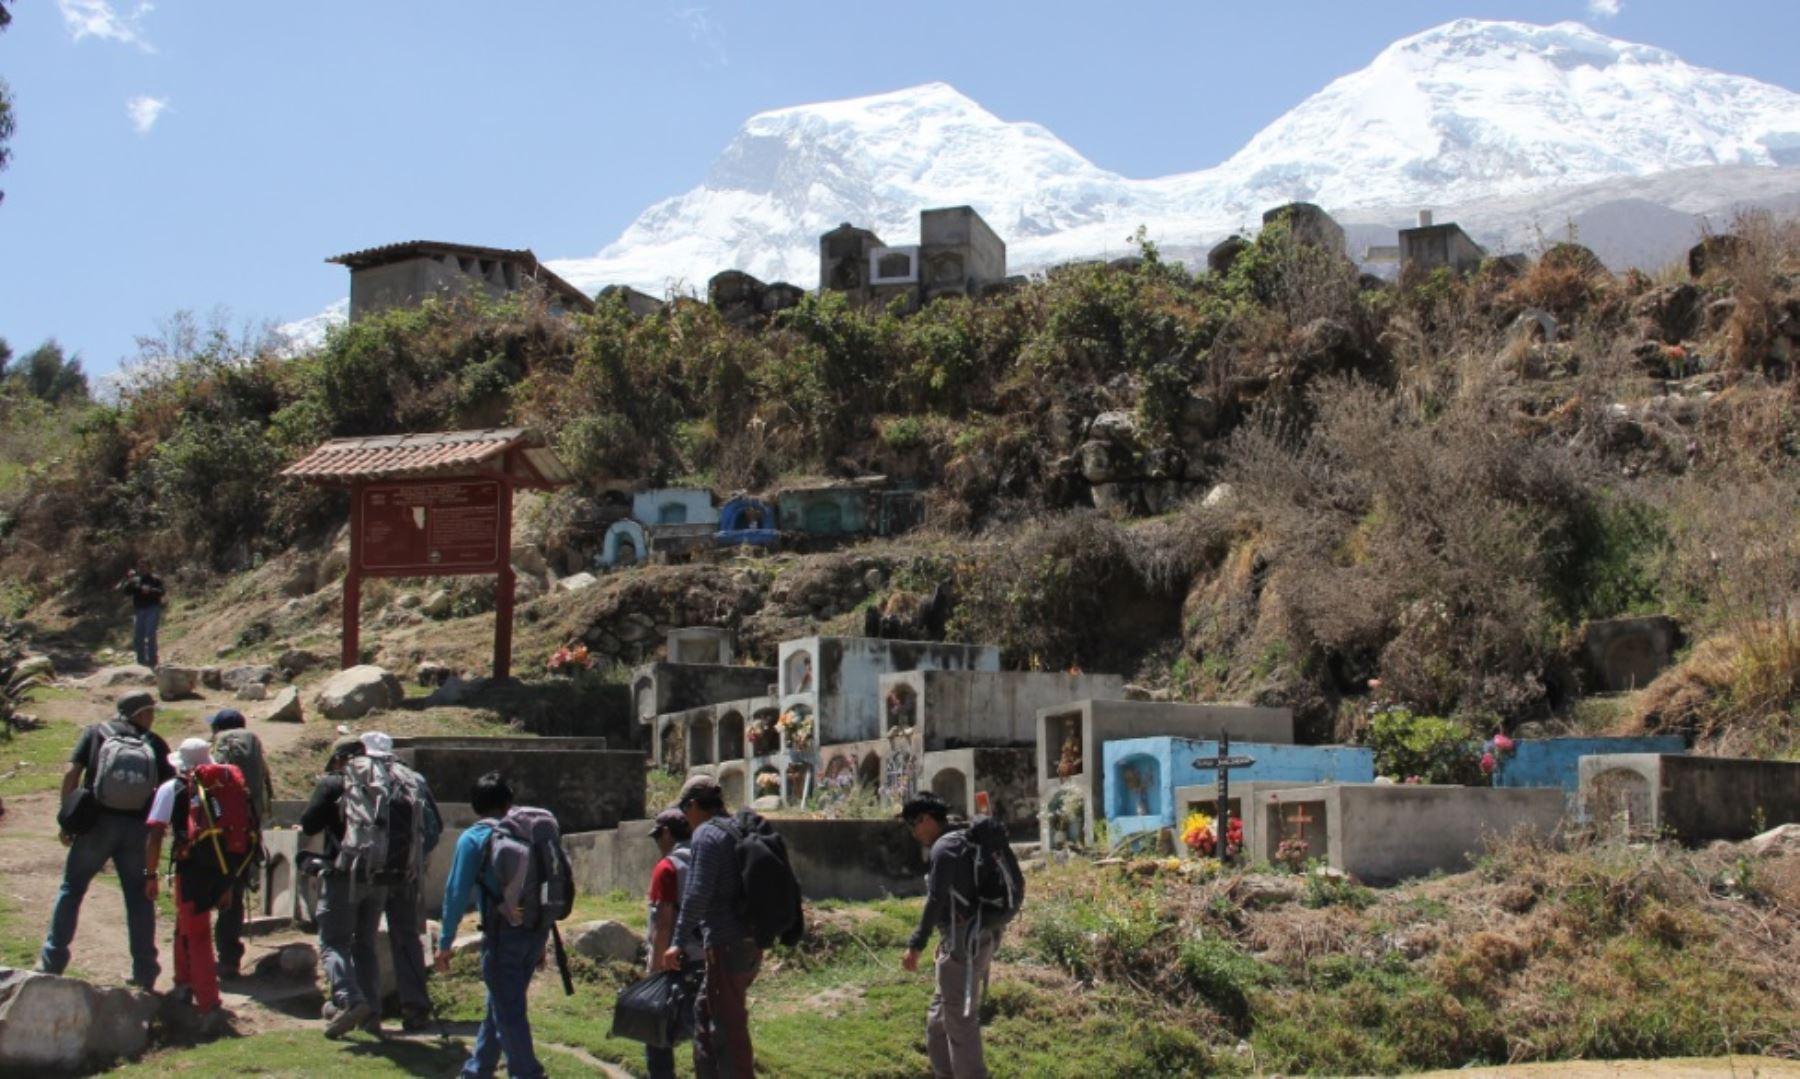 Al promediar las 08:15 horas de hoy, la expedición científica del Instituto Nacional de Investigación en Glaciares y Ecosistemas de Montaña (Inaigem). llegó a la cumbre sur del nevado Huascarán